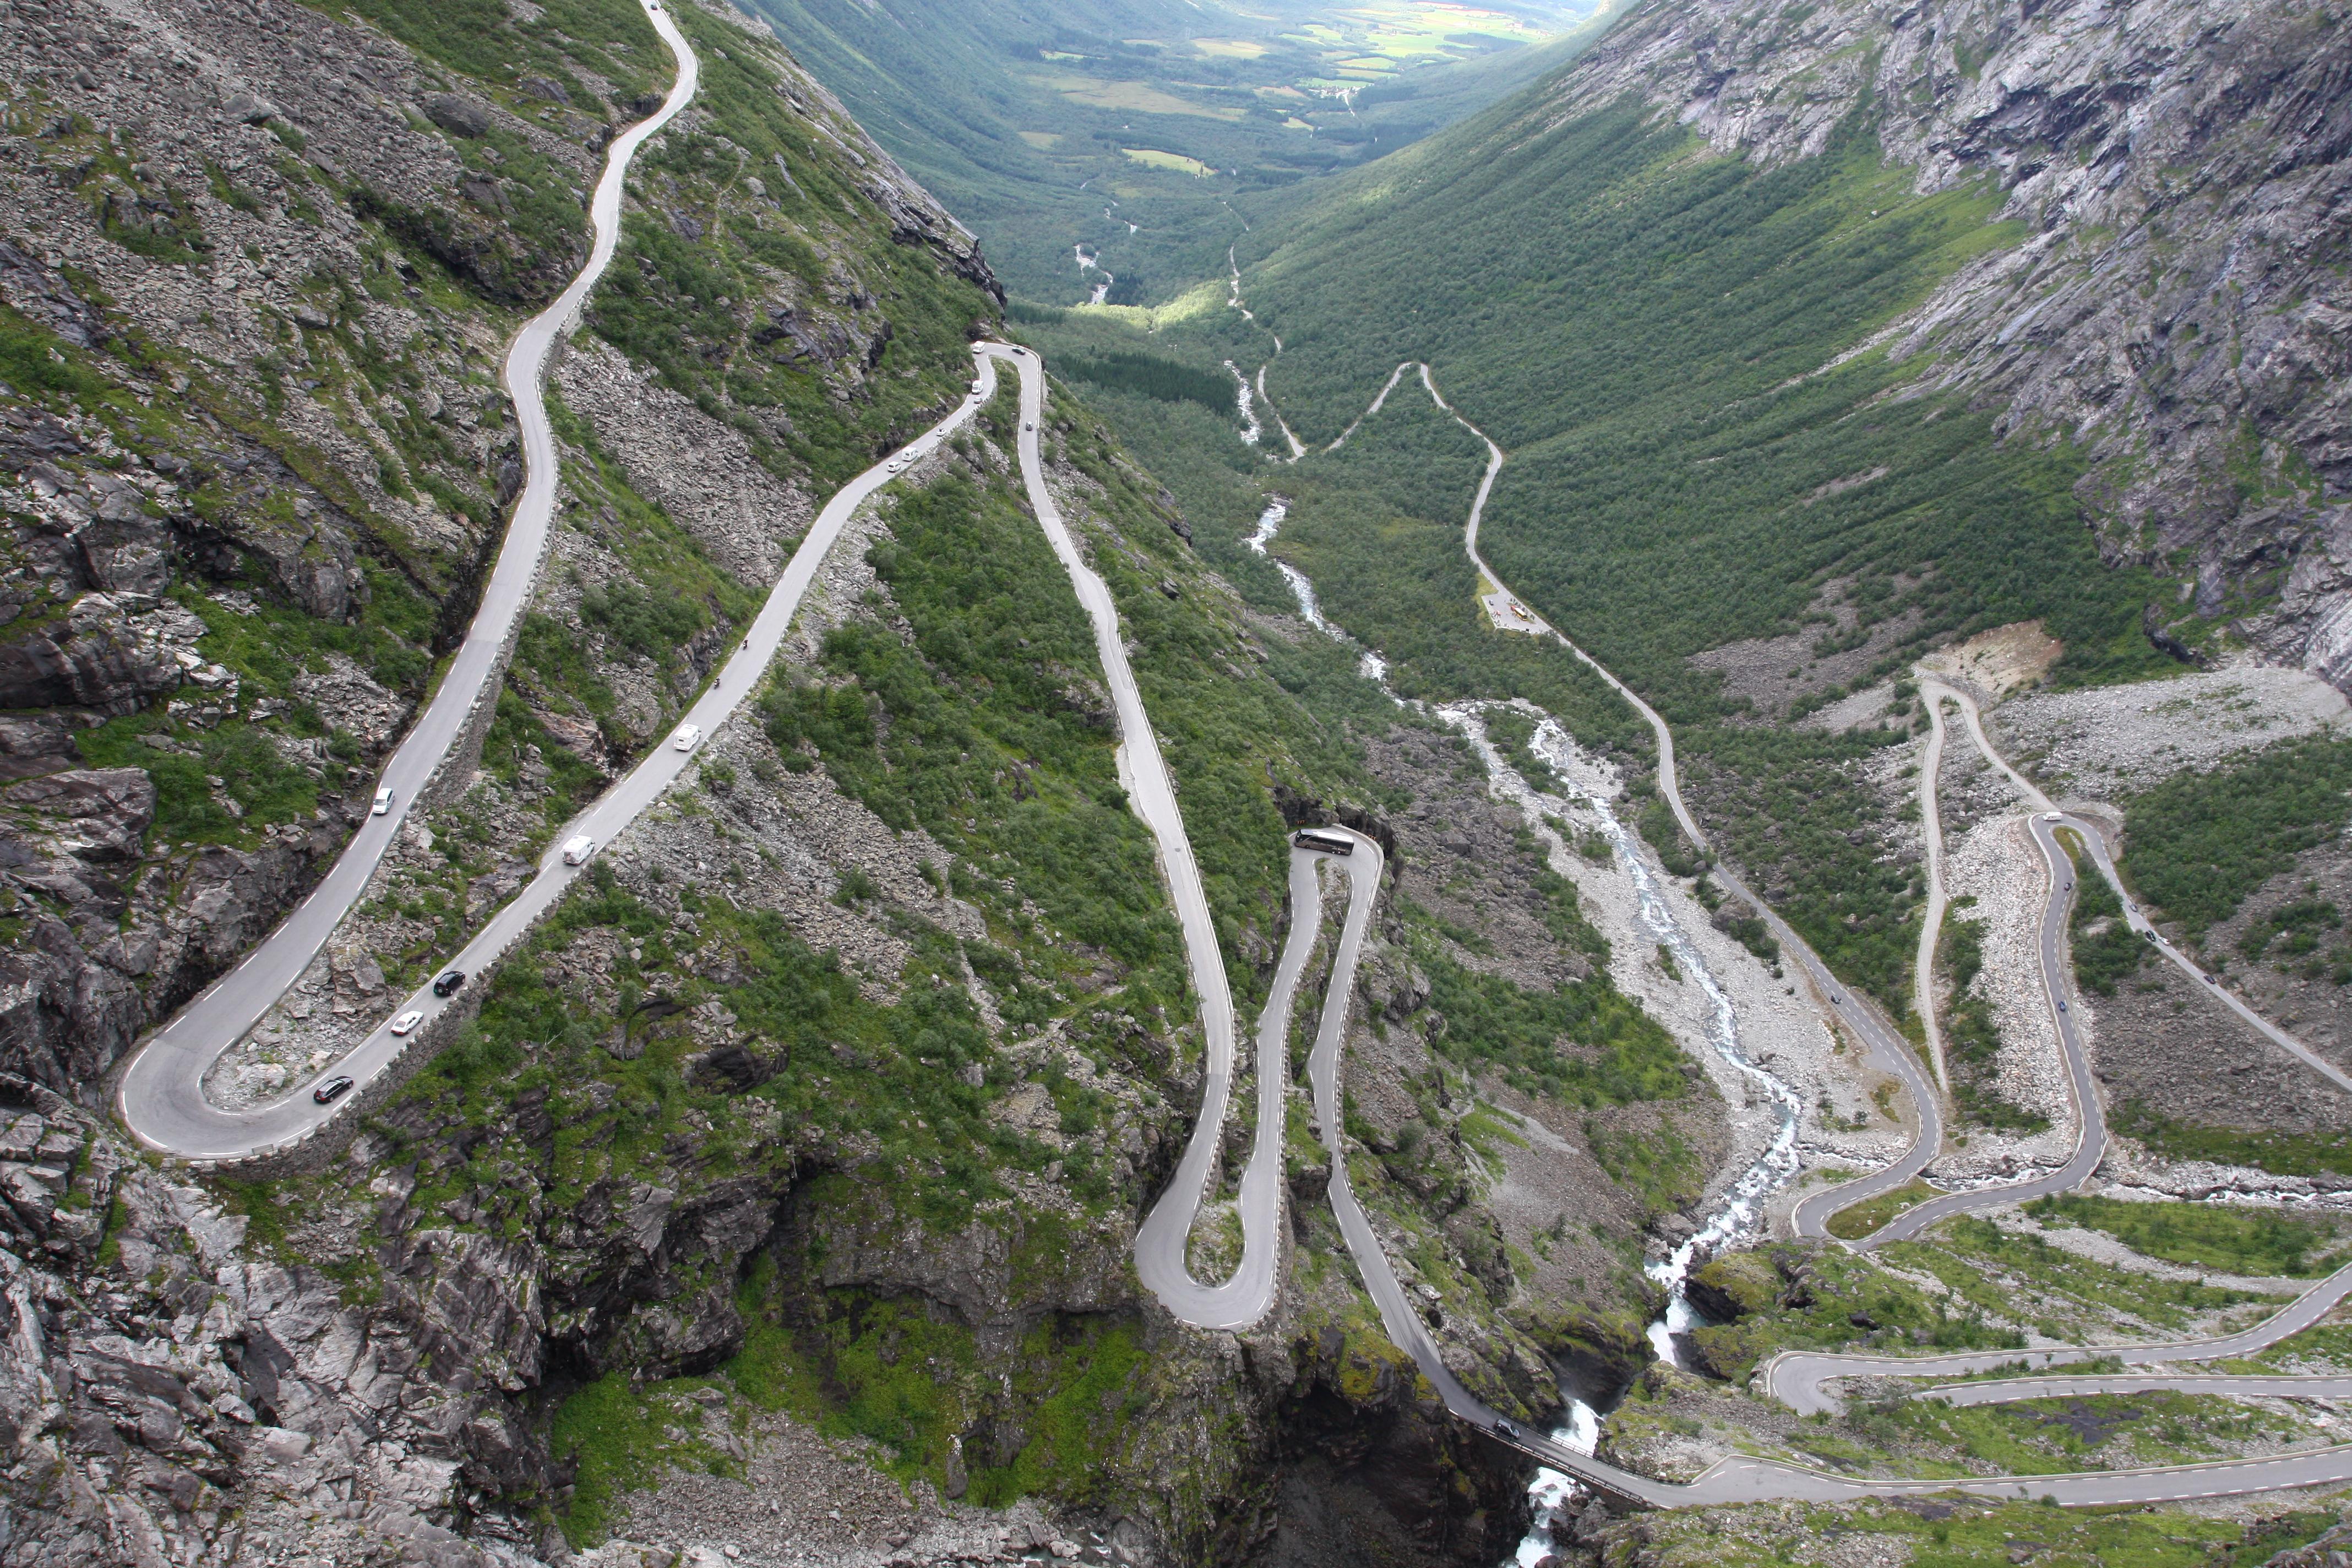 """Résultat de recherche d'images pour """"The Trollstigen, Norway"""""""